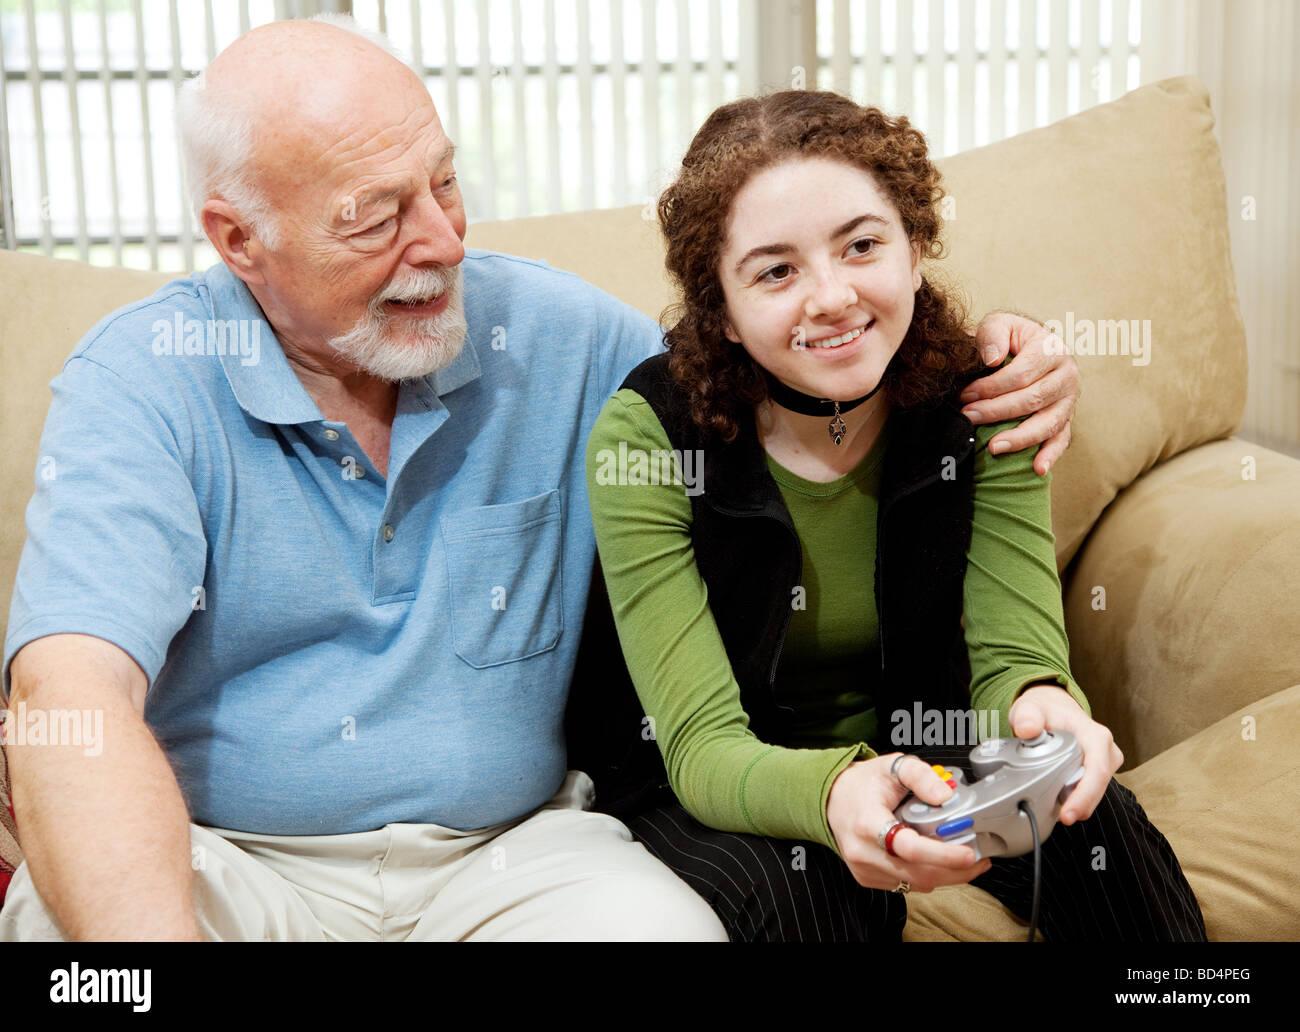 Русский дядя трахает свою племянницу, Дядя трахается с родной племянницей - Порно инцест 17 фотография